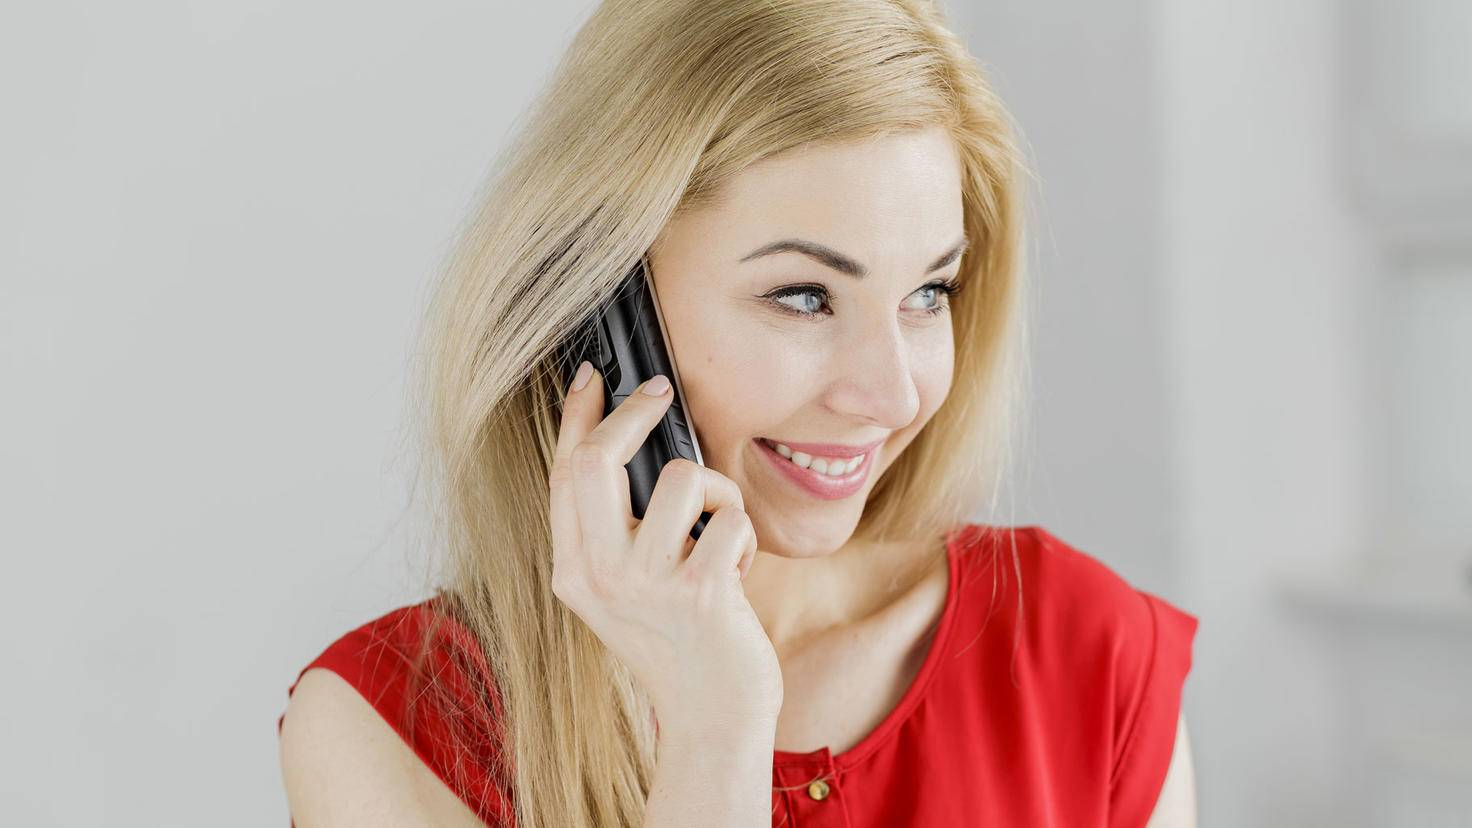 Telefon Frau